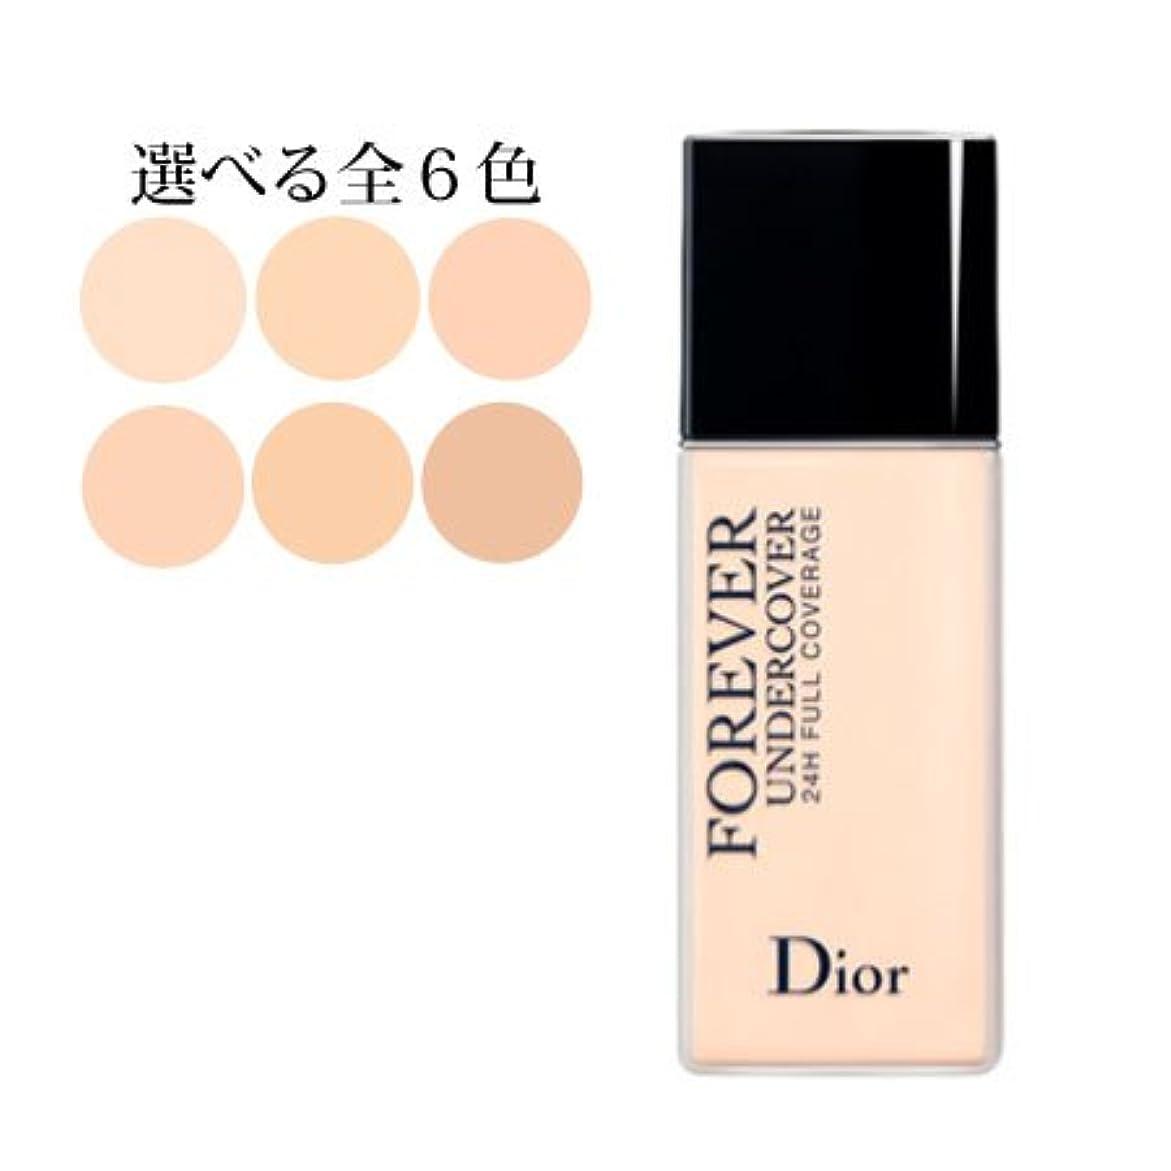 コマンド成果戦うディオールスキン フォーエヴァー アンダーカバー 選べる6色 -Dior- 020